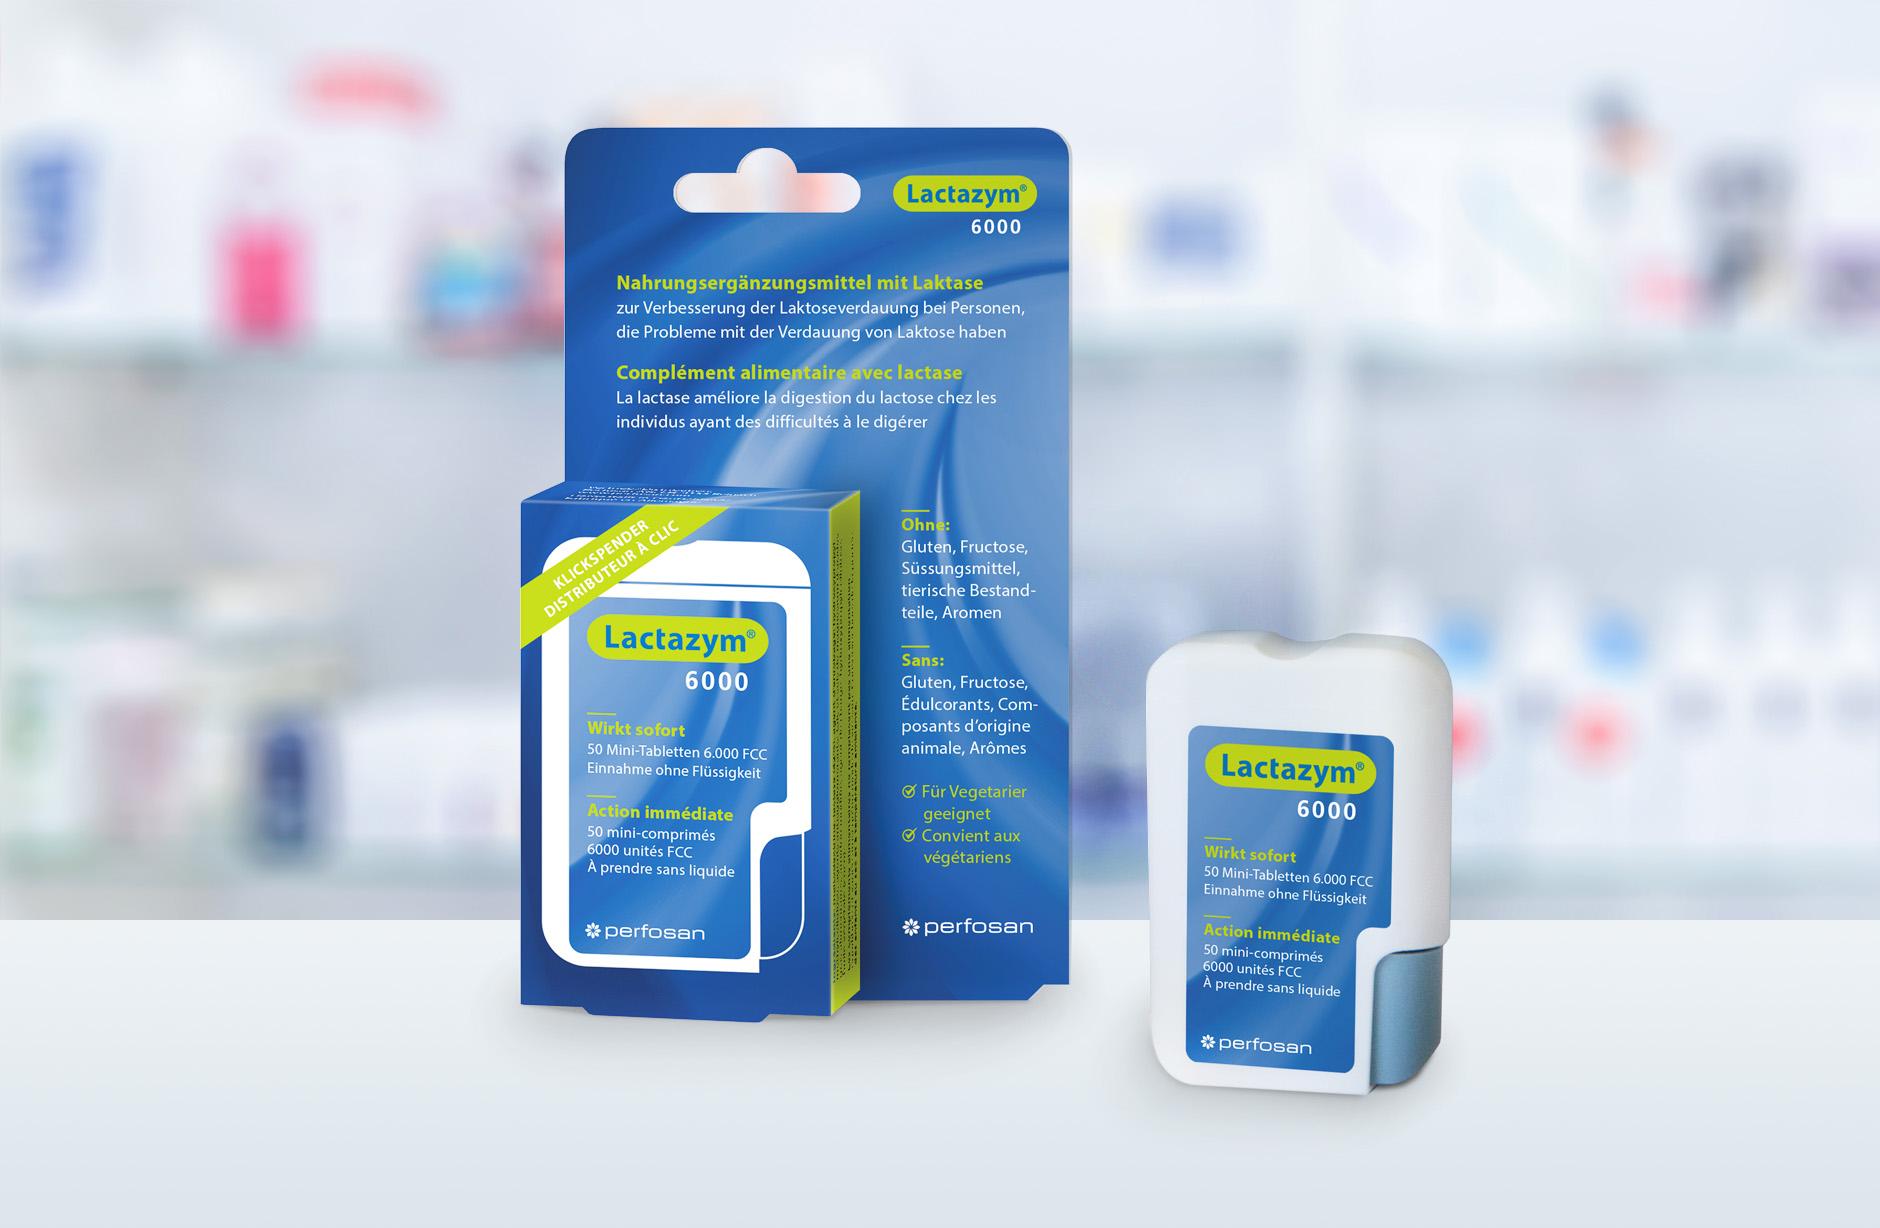 Lactazym 6000 Verpackung – Newsign Grafik